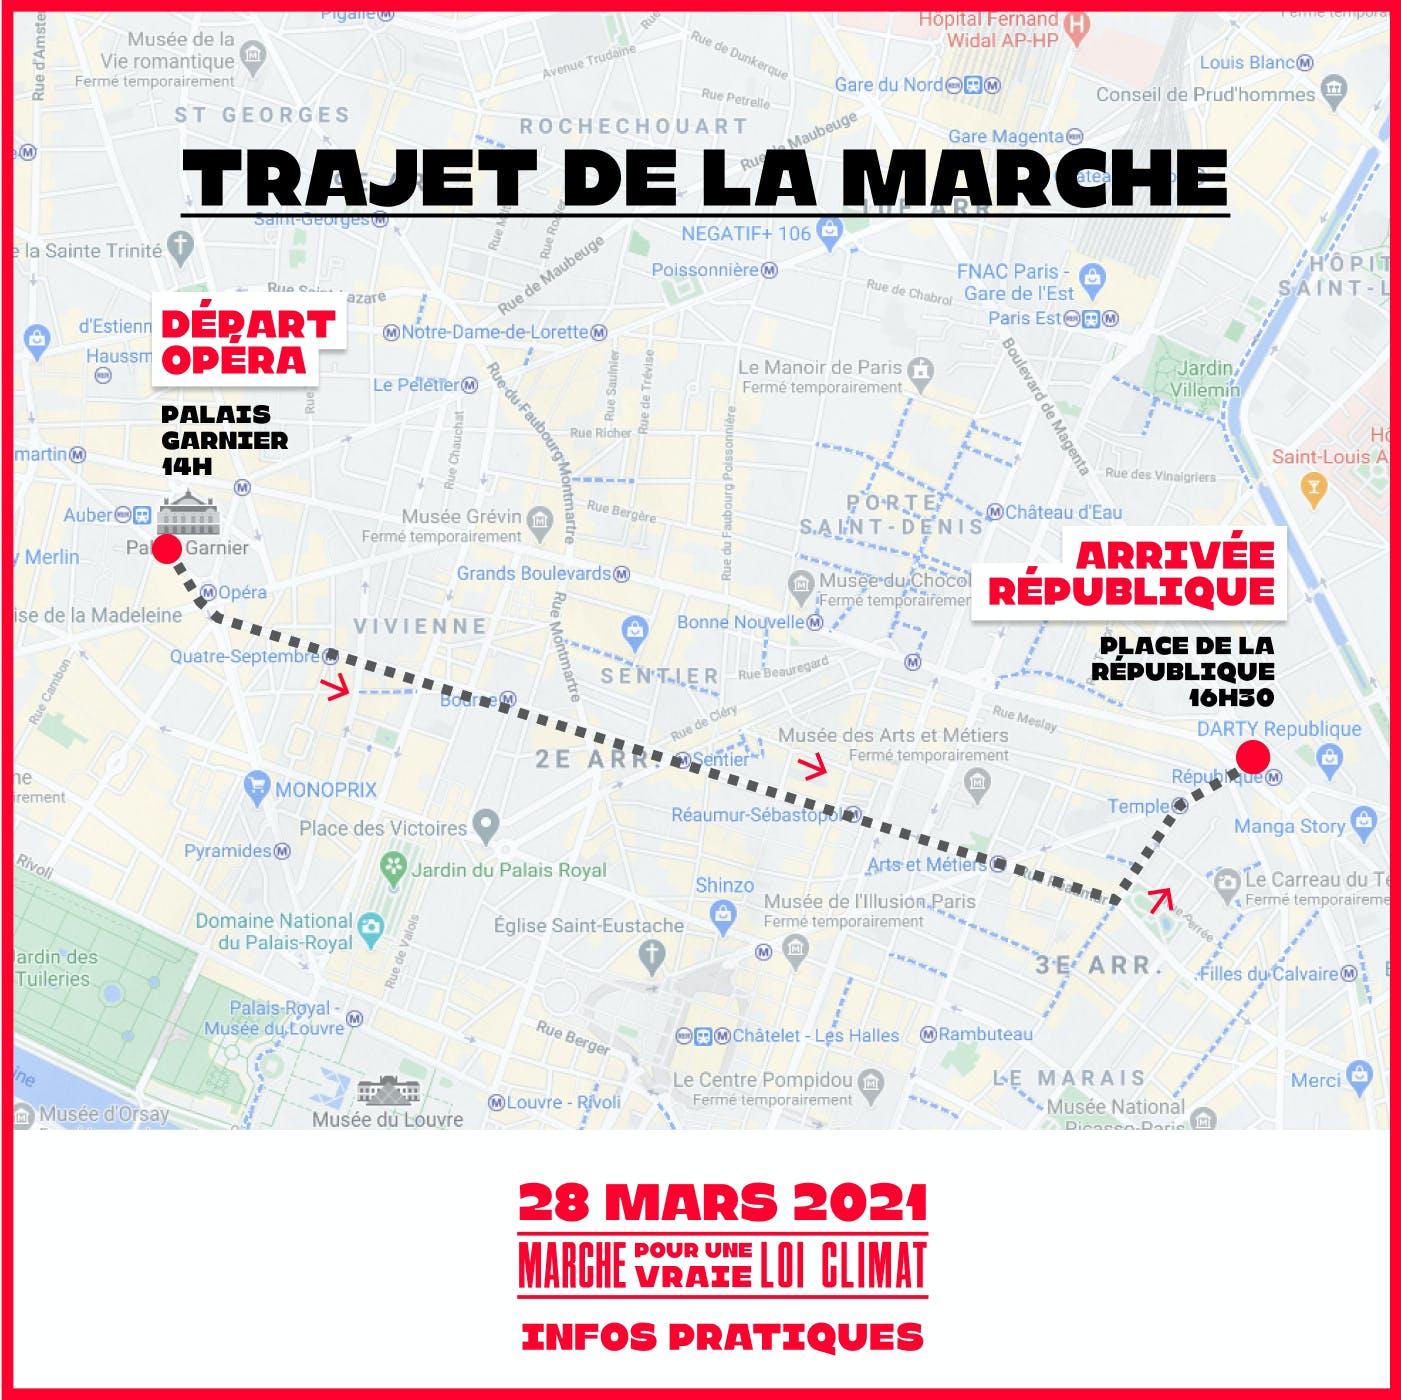 Carroussel_Infos pratiques_map2.jpg